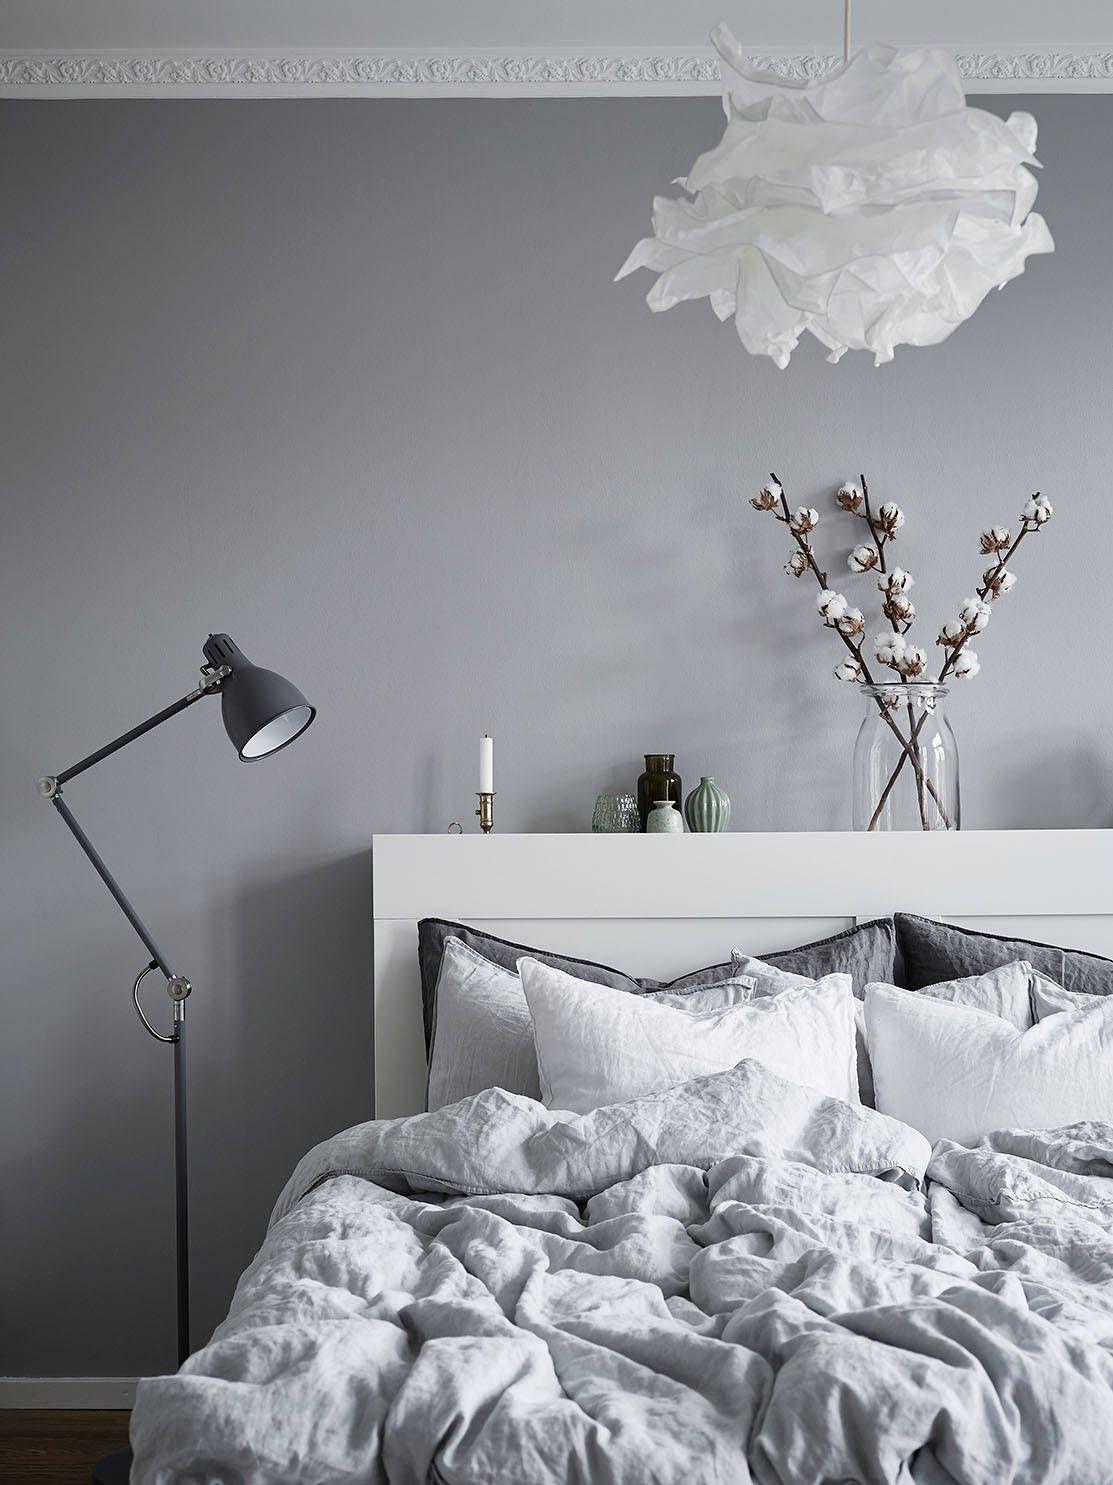 Schlafzimmer, Altbauwohnung, Wandfarben, Wandgestaltung, Landhaus, Bett,  Architektur, Skandinavisch Schlafzimmer, Skandinavische Wohnung